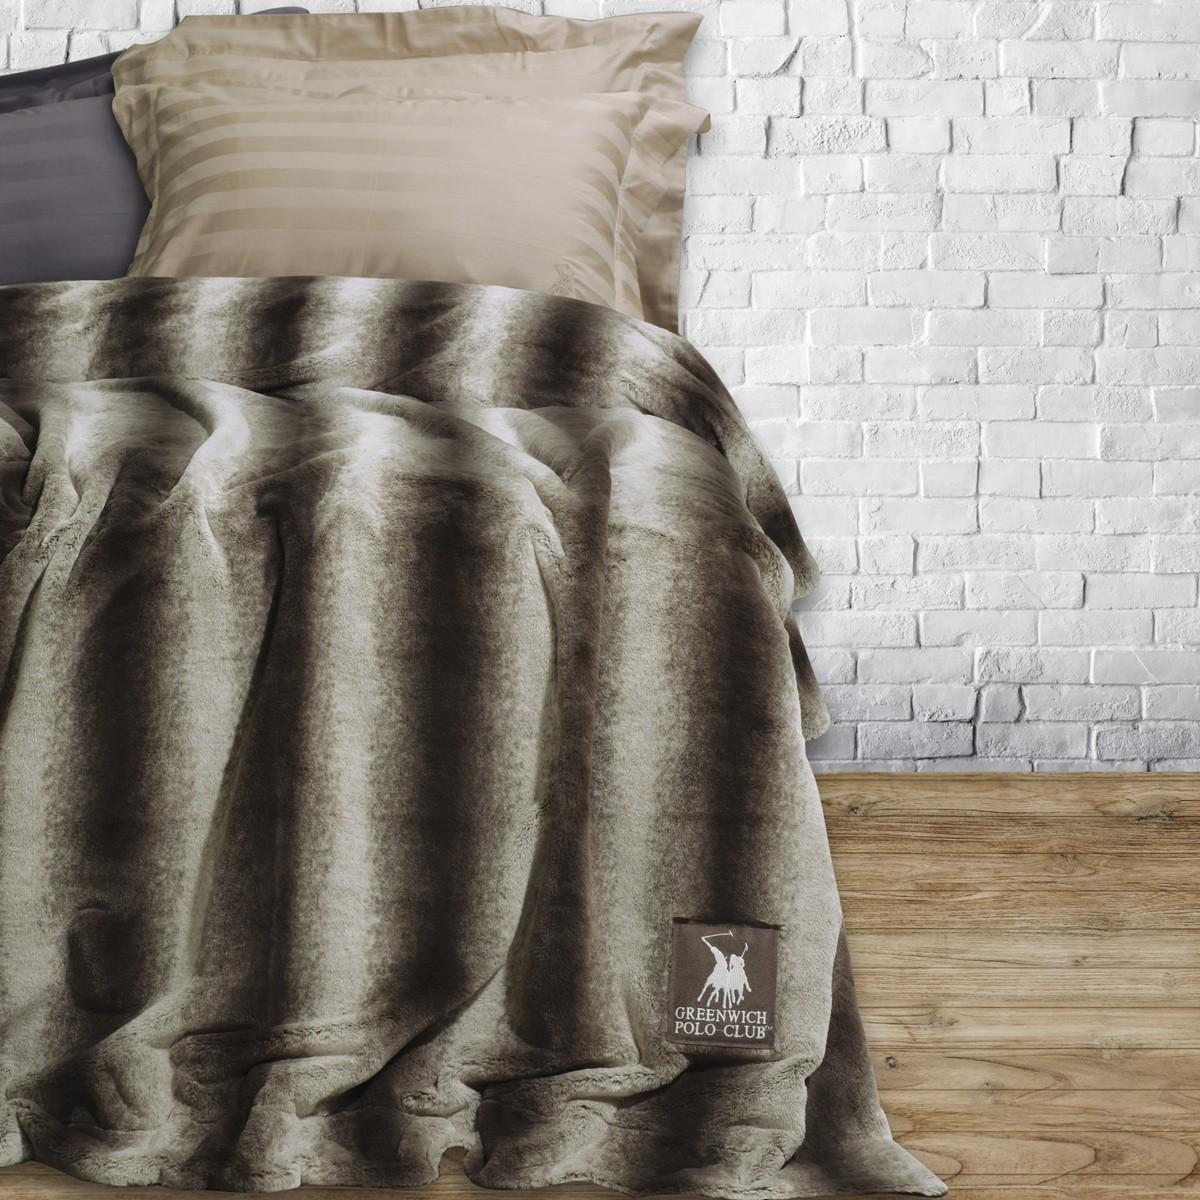 Κουβέρτα Γούνινη Υπέρδιπλη Polo Club Premium Faux Fur 2408 home   κρεβατοκάμαρα   κουβέρτες   κουβέρτες γούνινες   μάλλινες